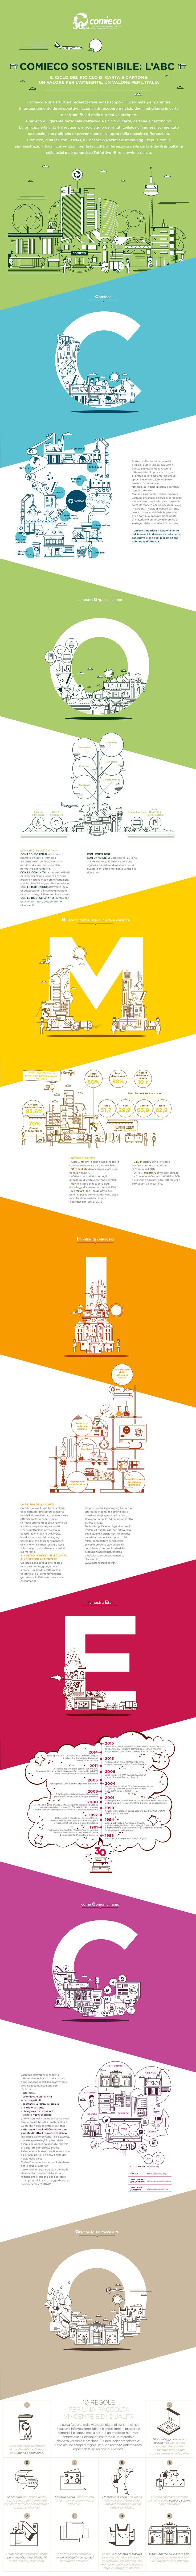 Comieco è una struttura organizzativa senza scopo di lucro, nata per garantire il raggiungimento degli obiettivi nazionali di recupero e riciclo degli imballaggi in carta e cartone fissati dalle normative europee. Comieco è il garante nazionale dell'av…